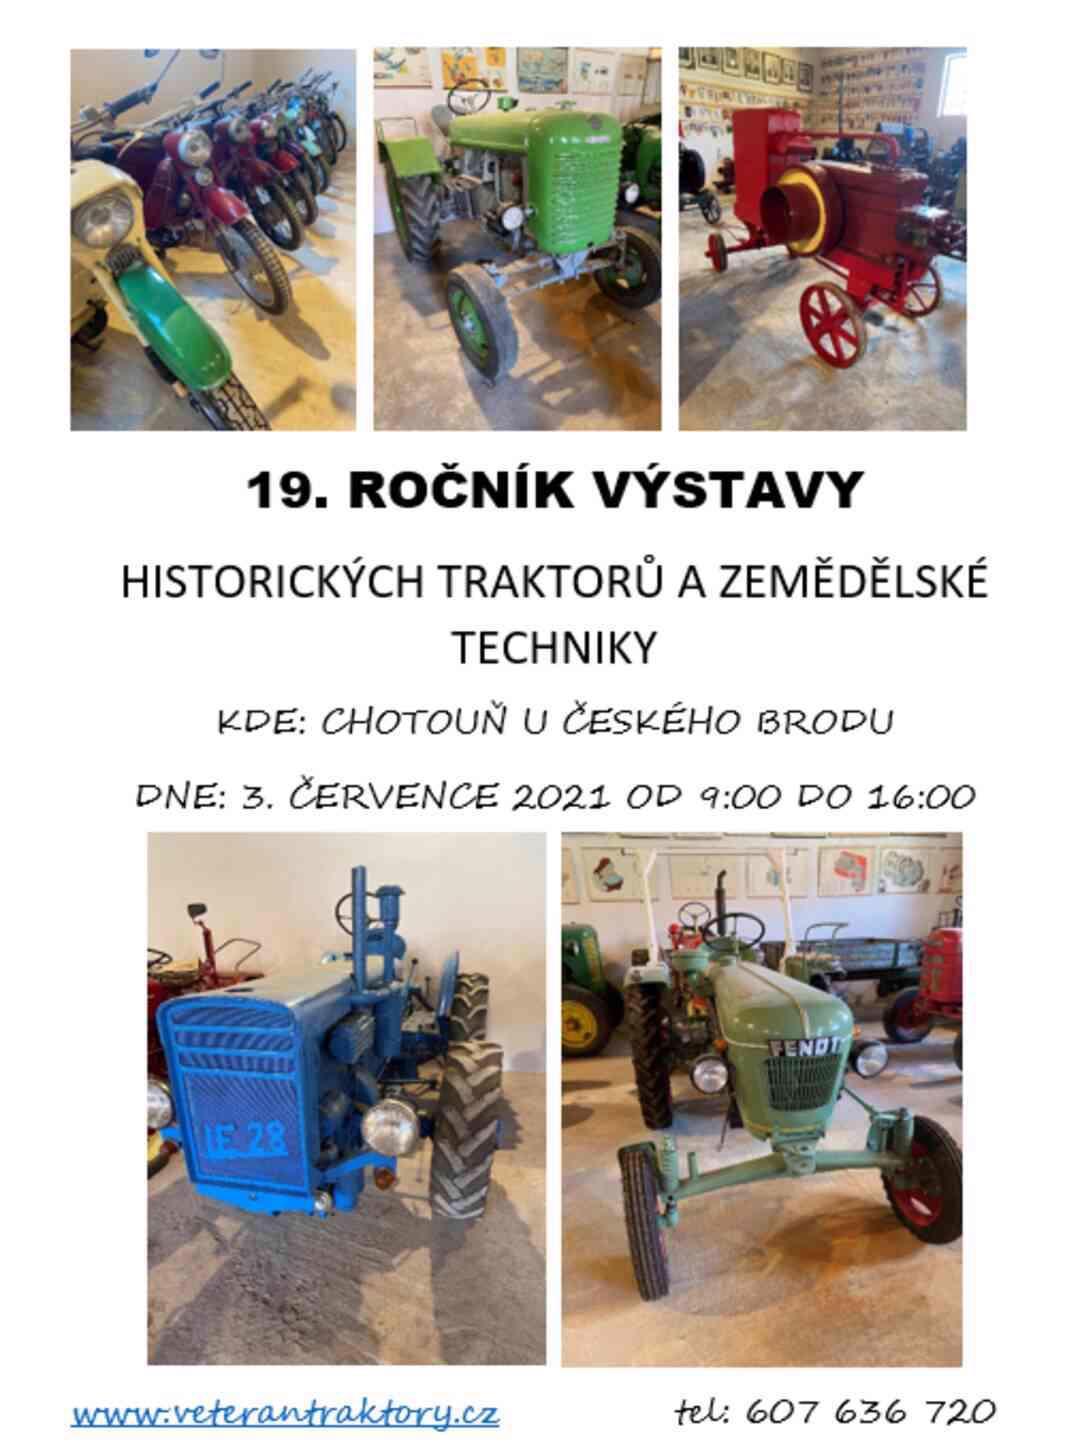 Pozvánka na výstavu traktorů - foto 1